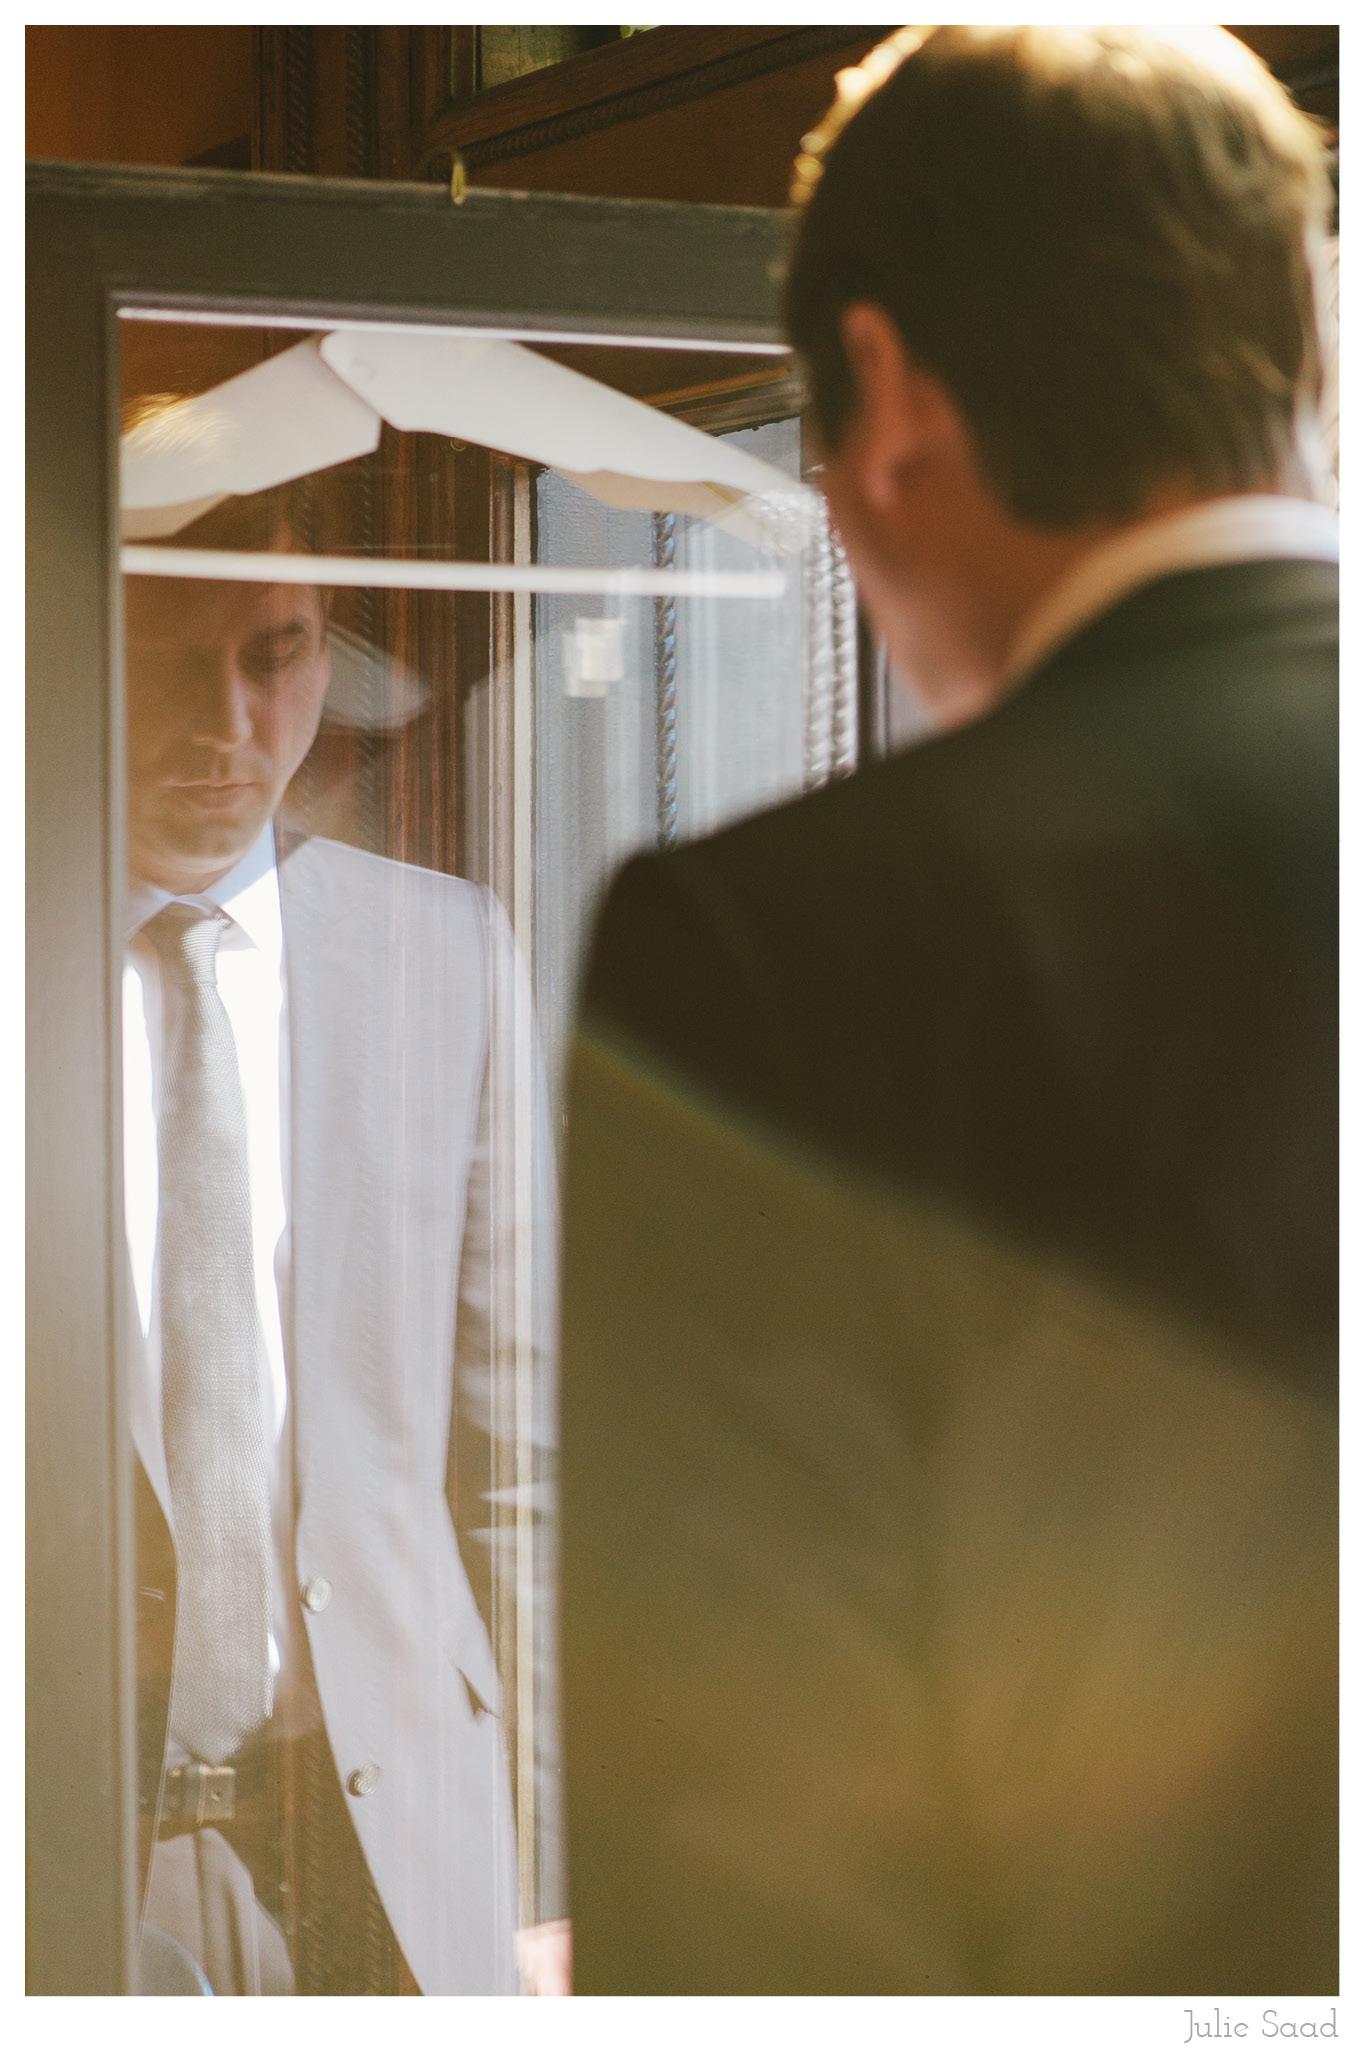 montauk-club-wedding-photographer-brooklyn-saad8.jpg